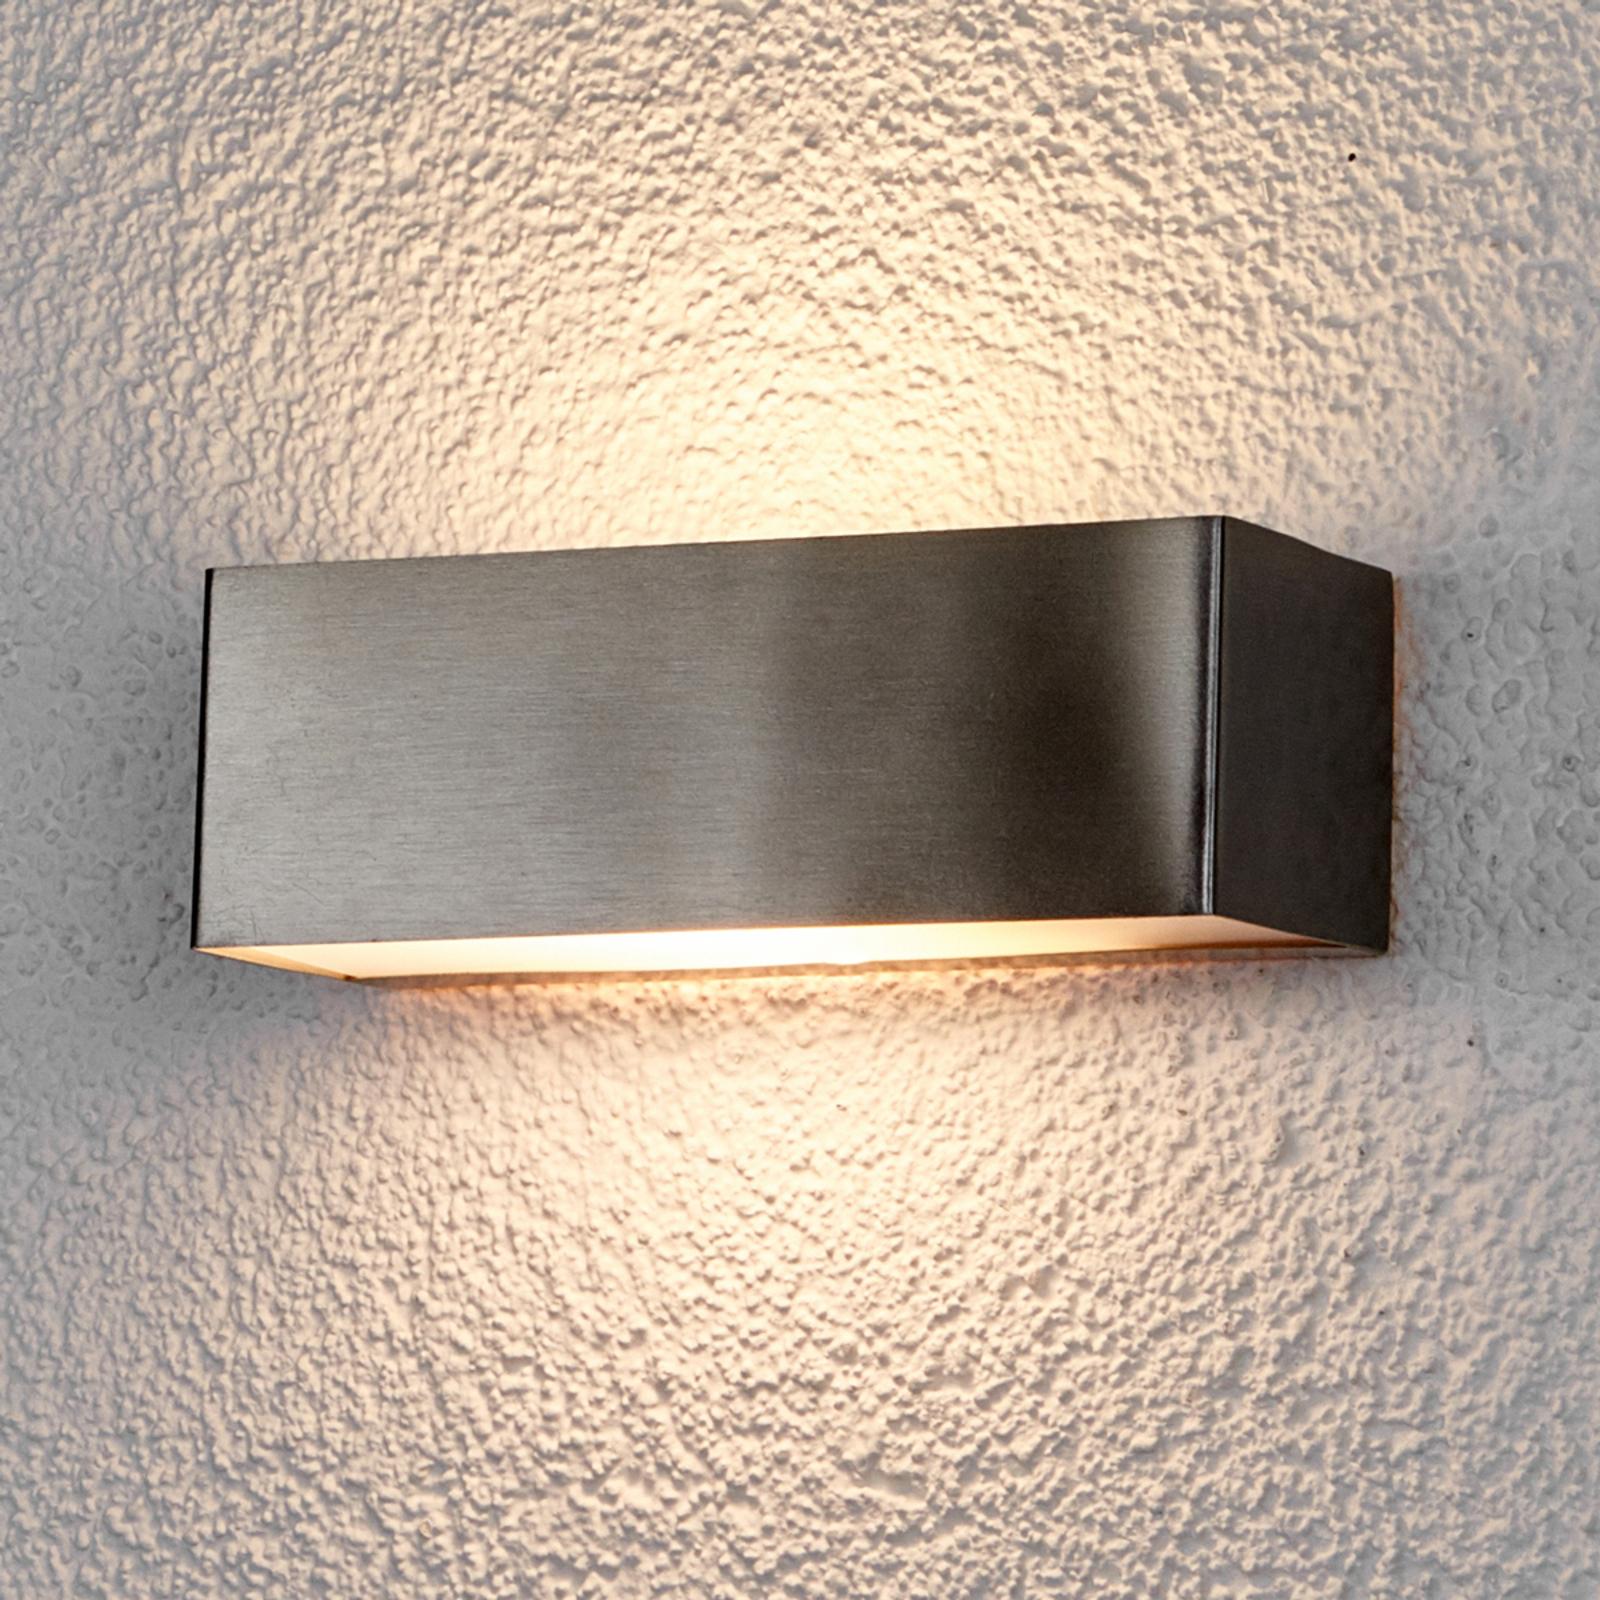 LED-utevegglys Alicja i edelstål